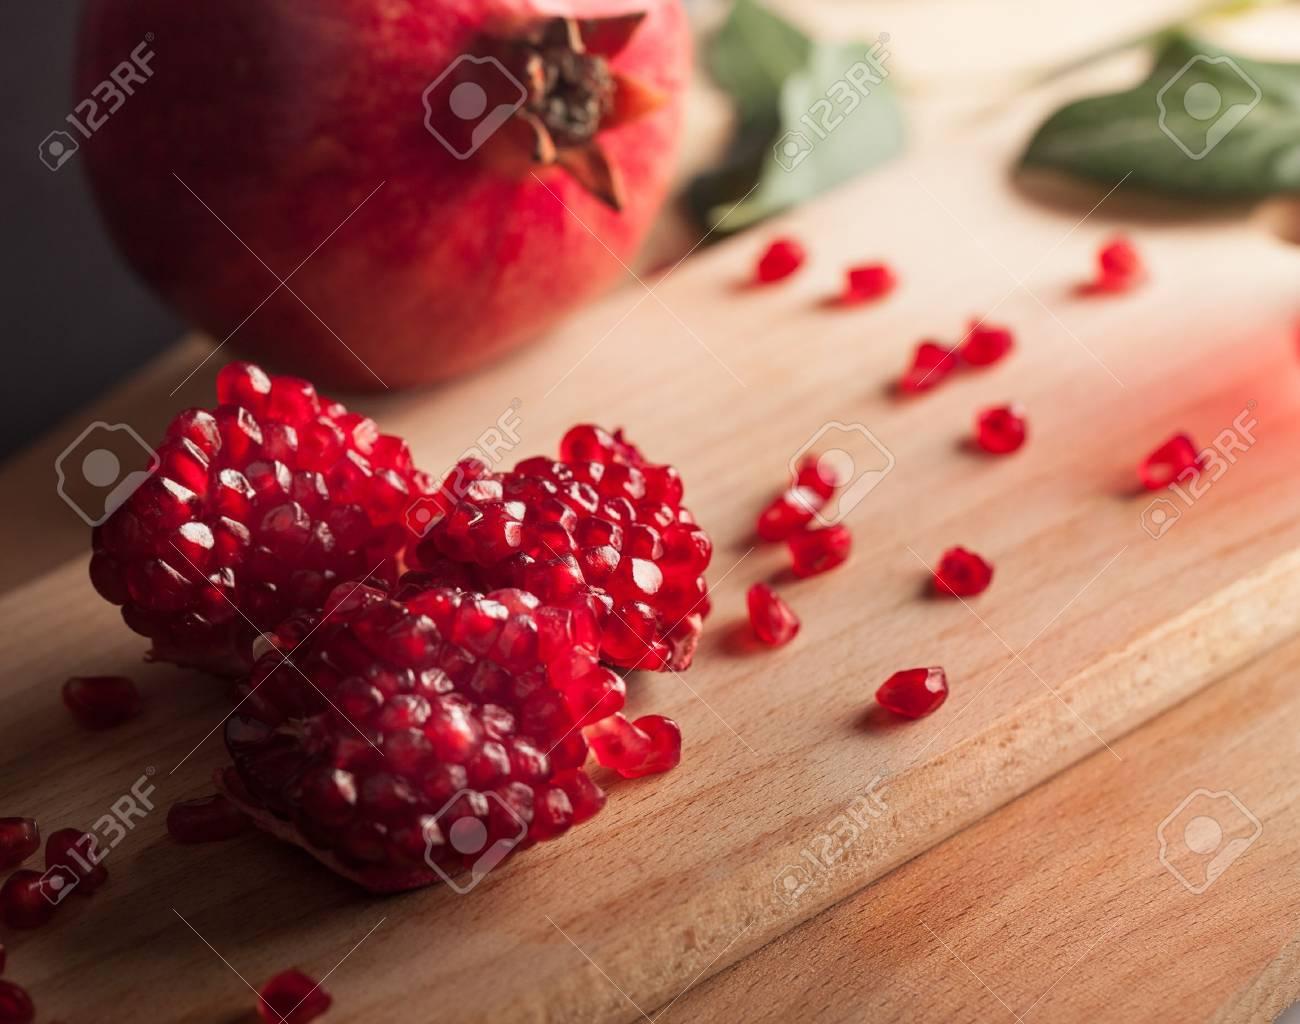 Pomegranate. Stock Photo - 48637878